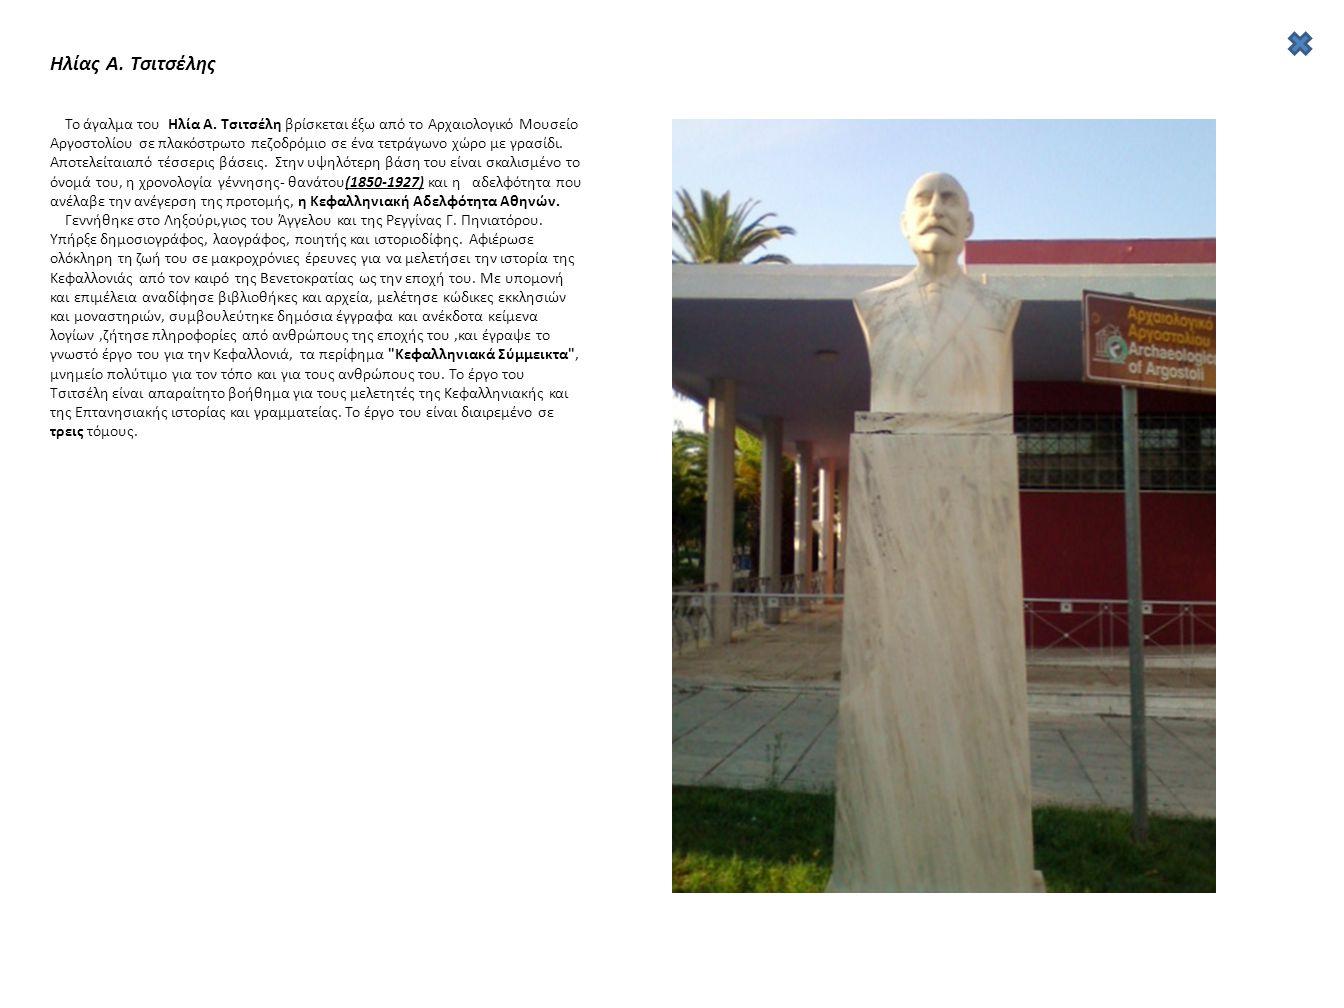 Ηλίας Α. Τσιτσέλης Το άγαλμα του Ηλία Α. Τσιτσέλη βρίσκεται έξω από το Αρχαιολογικό Μουσείο Αργοστολίου σε πλακόστρωτο πεζοδρόμιο σε ένα τετράγωνο χώρ